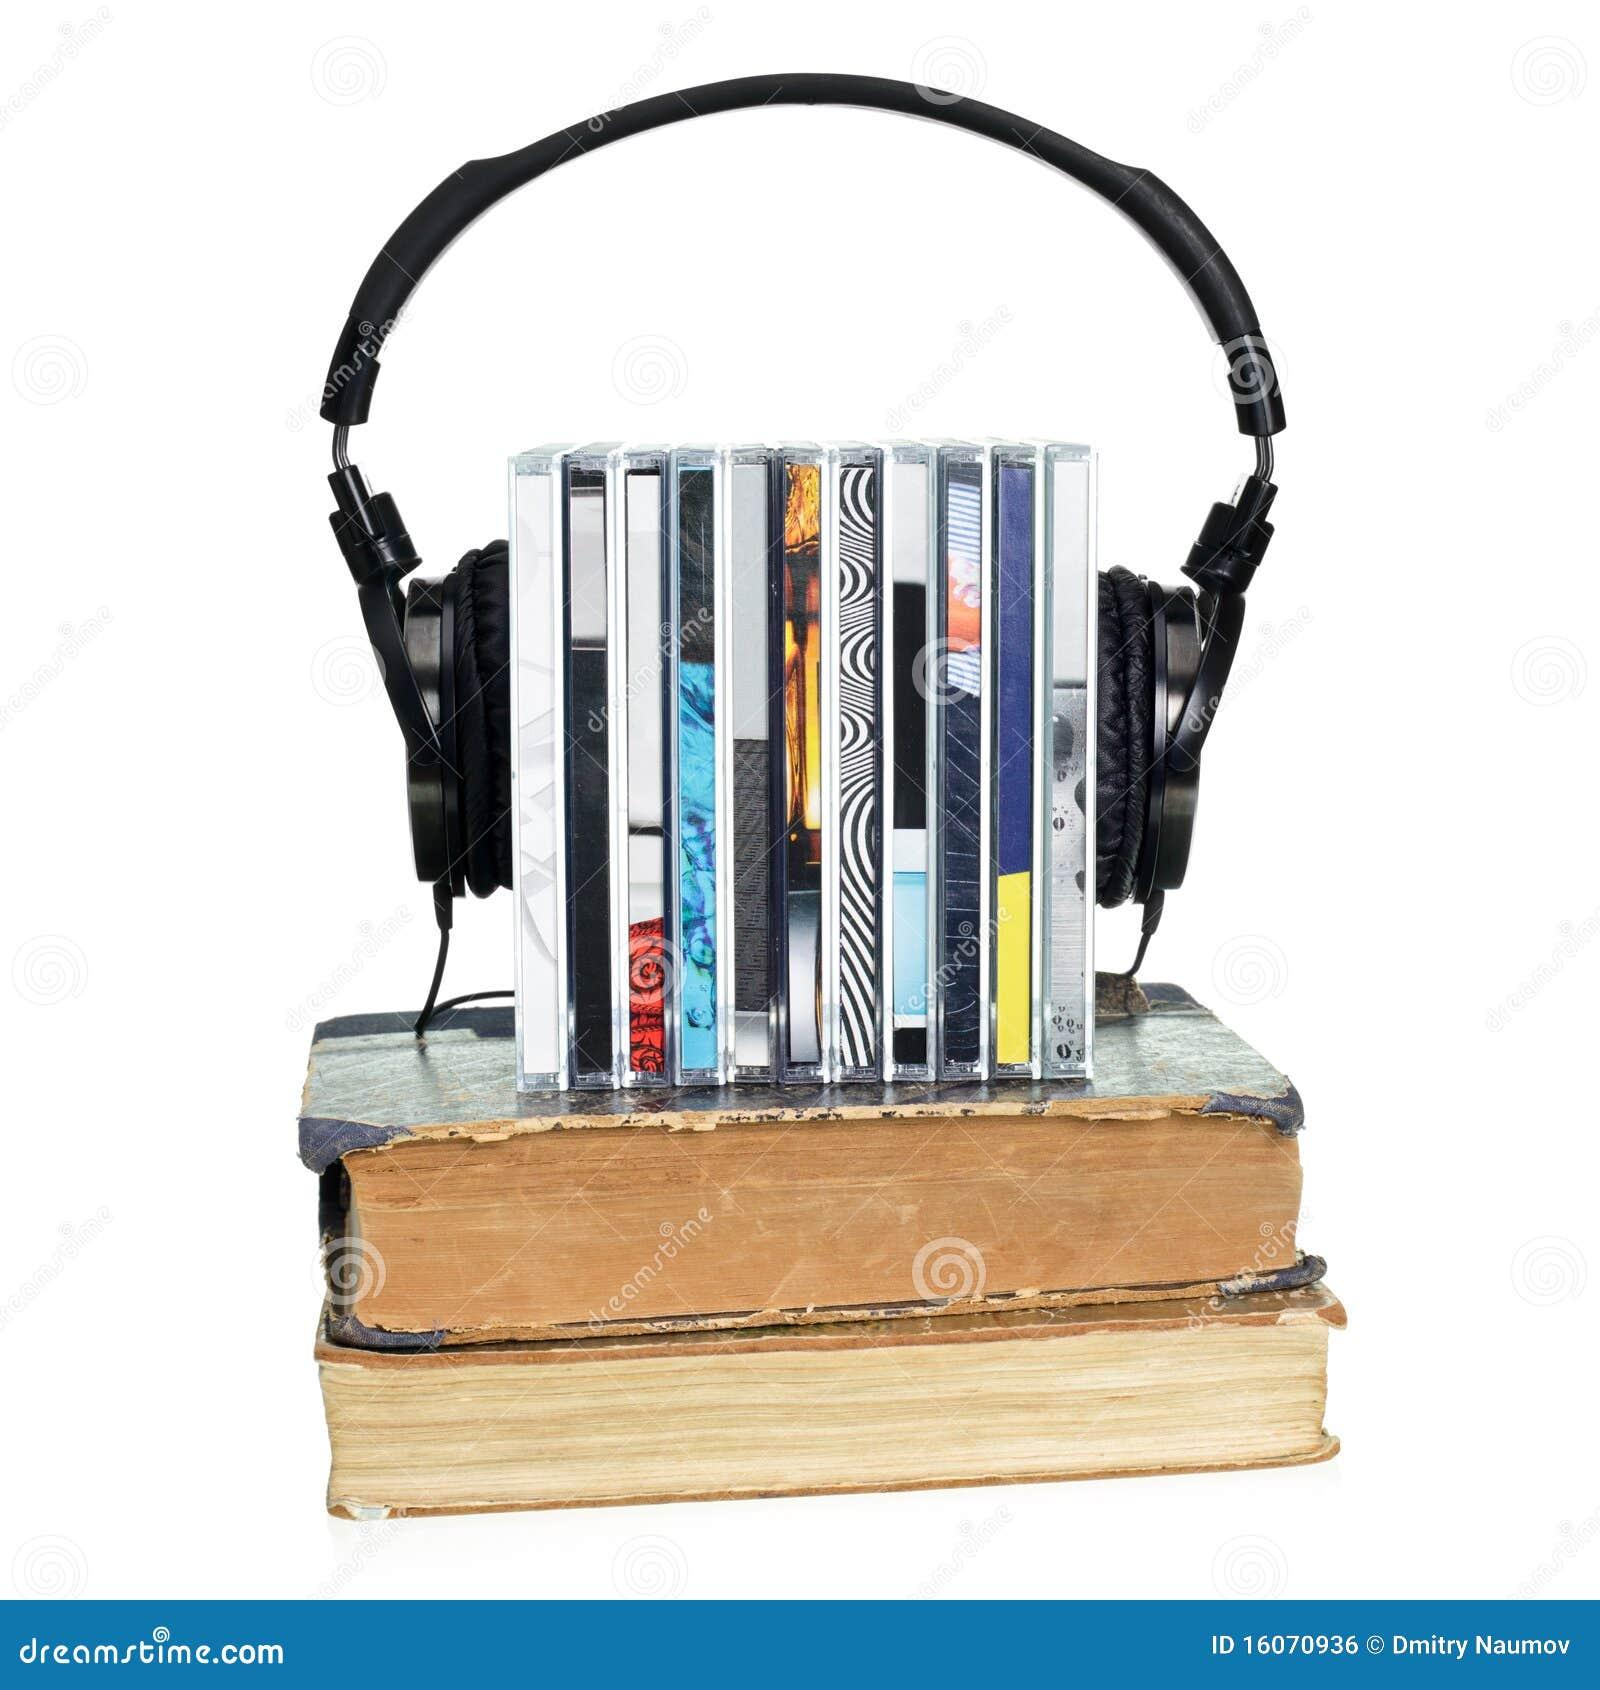 Audio Books Free White Teens 14